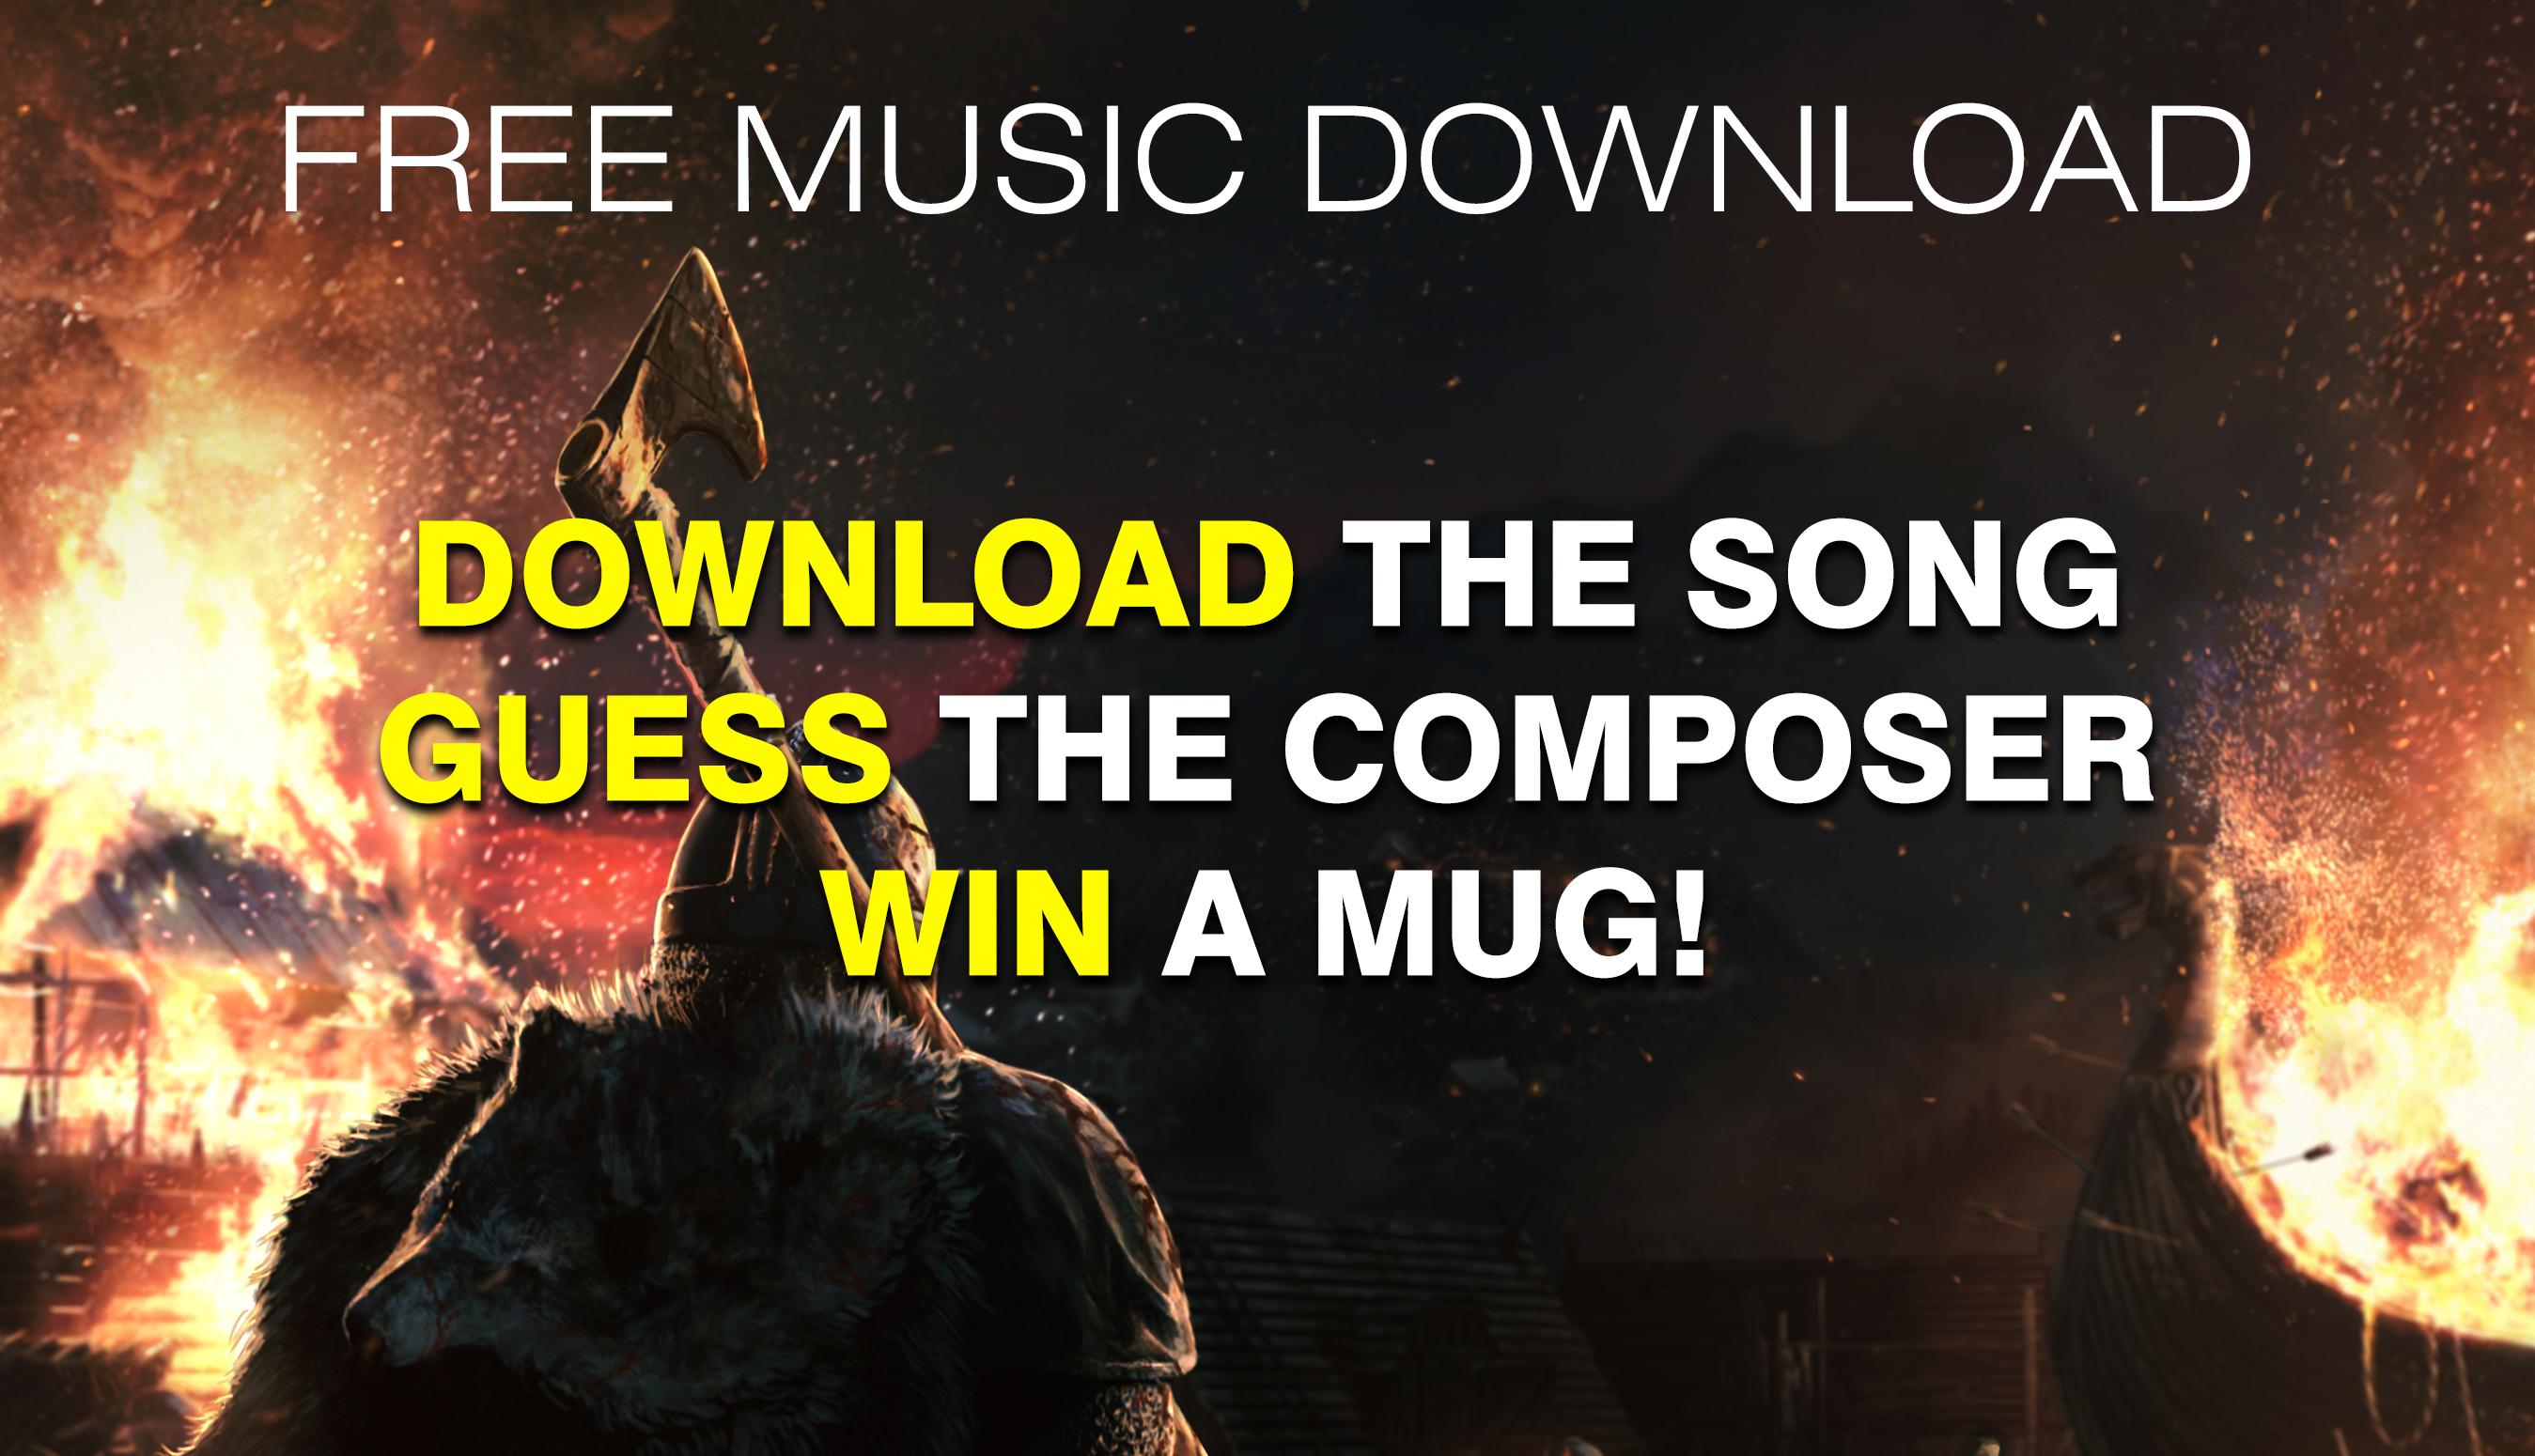 Magix music maker 17 premium free download software reviews.